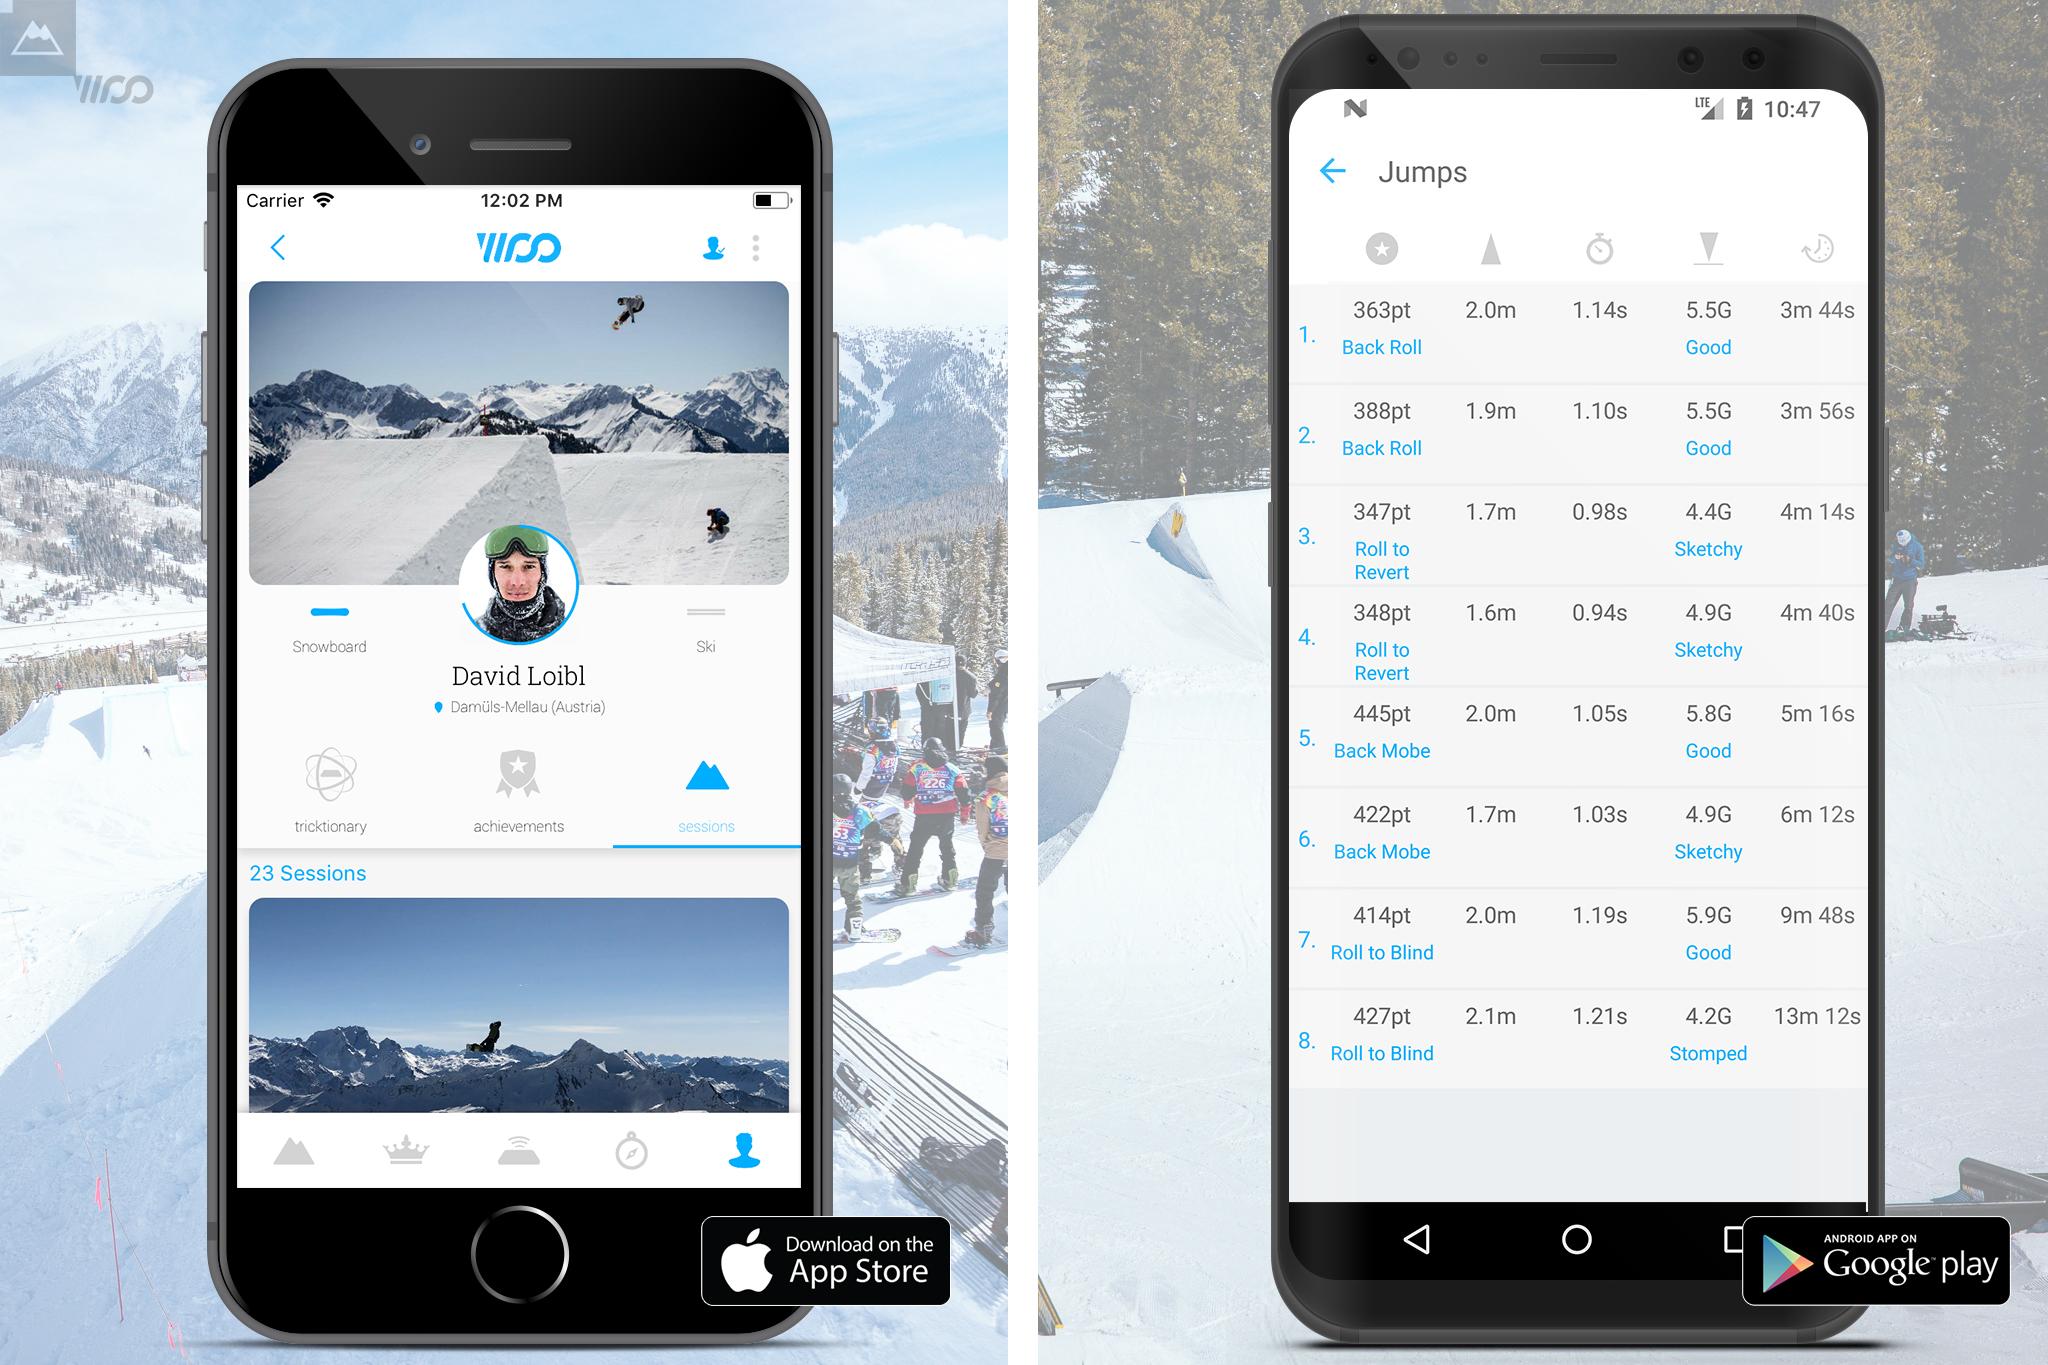 woo_app_snow_2.jpg